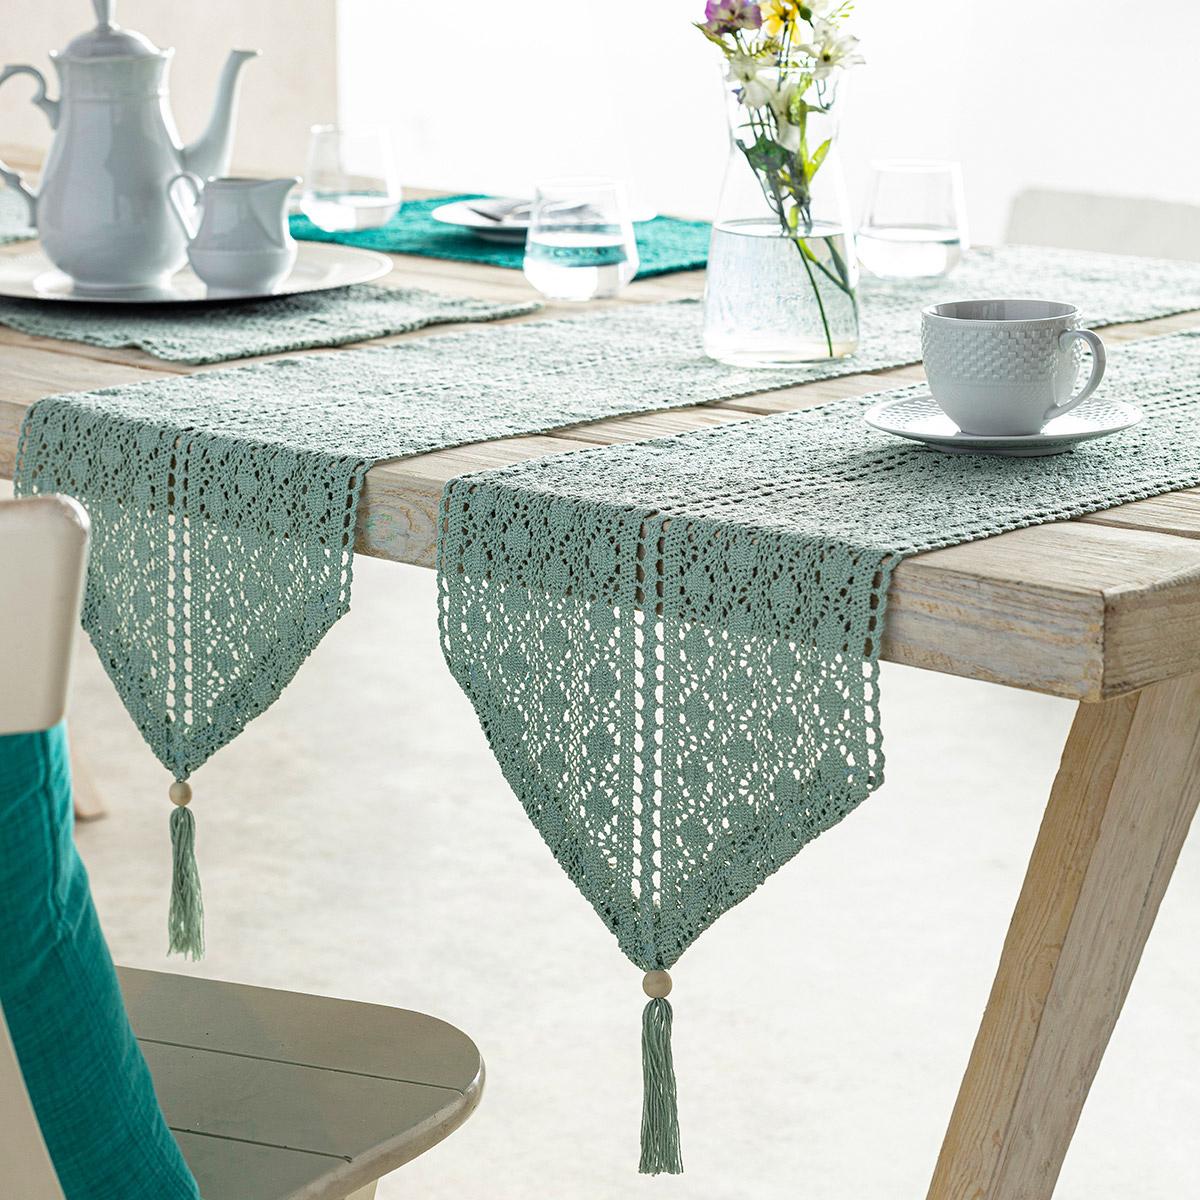 Τραβέρσα Gofis Home Crochet Aqua 019/11